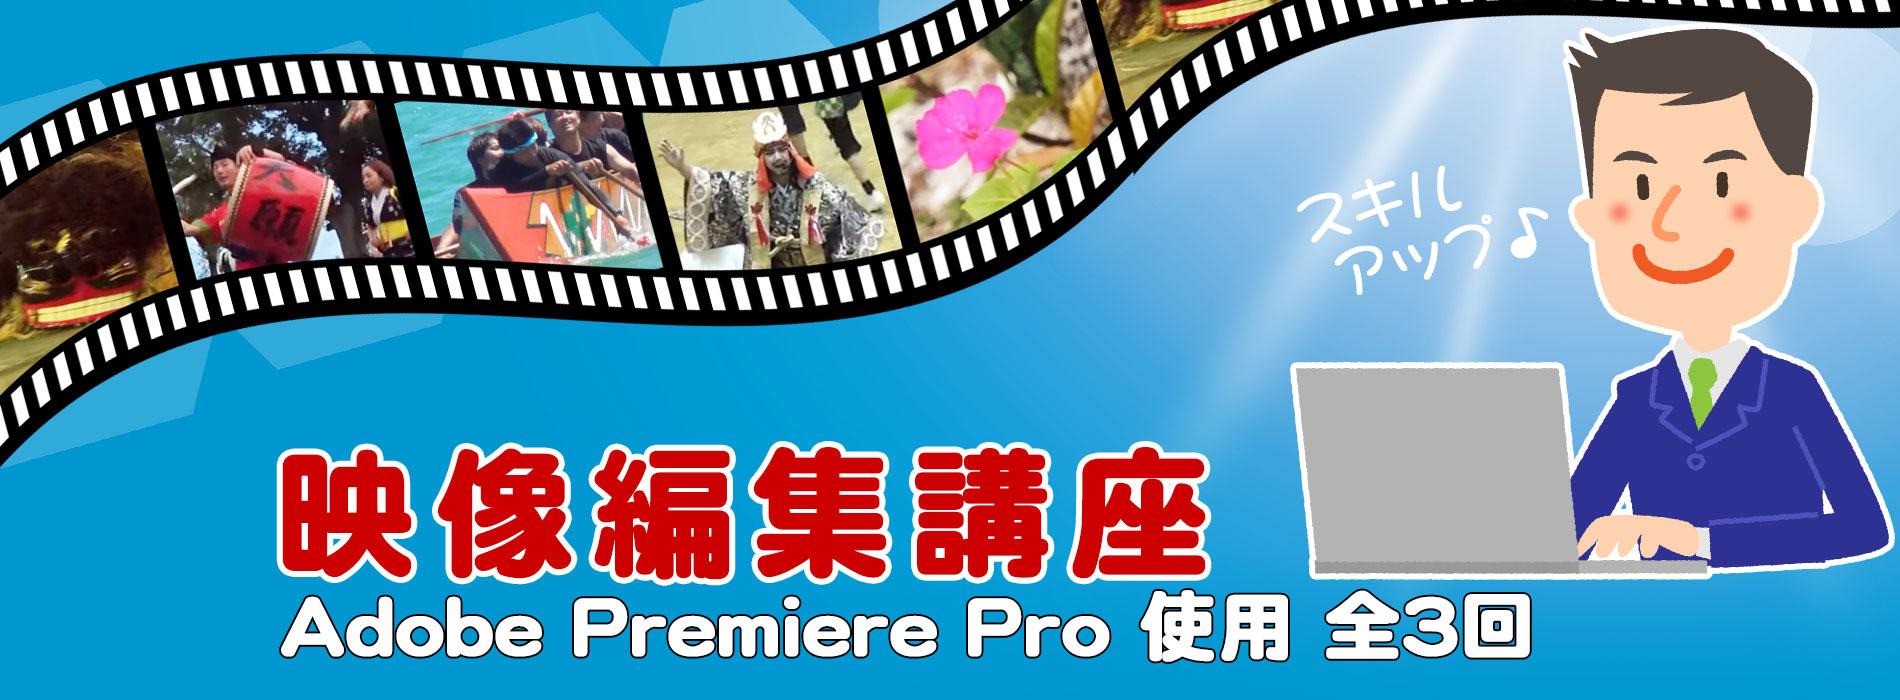 映像編集講座-AdobePremiere Pro使用全3回